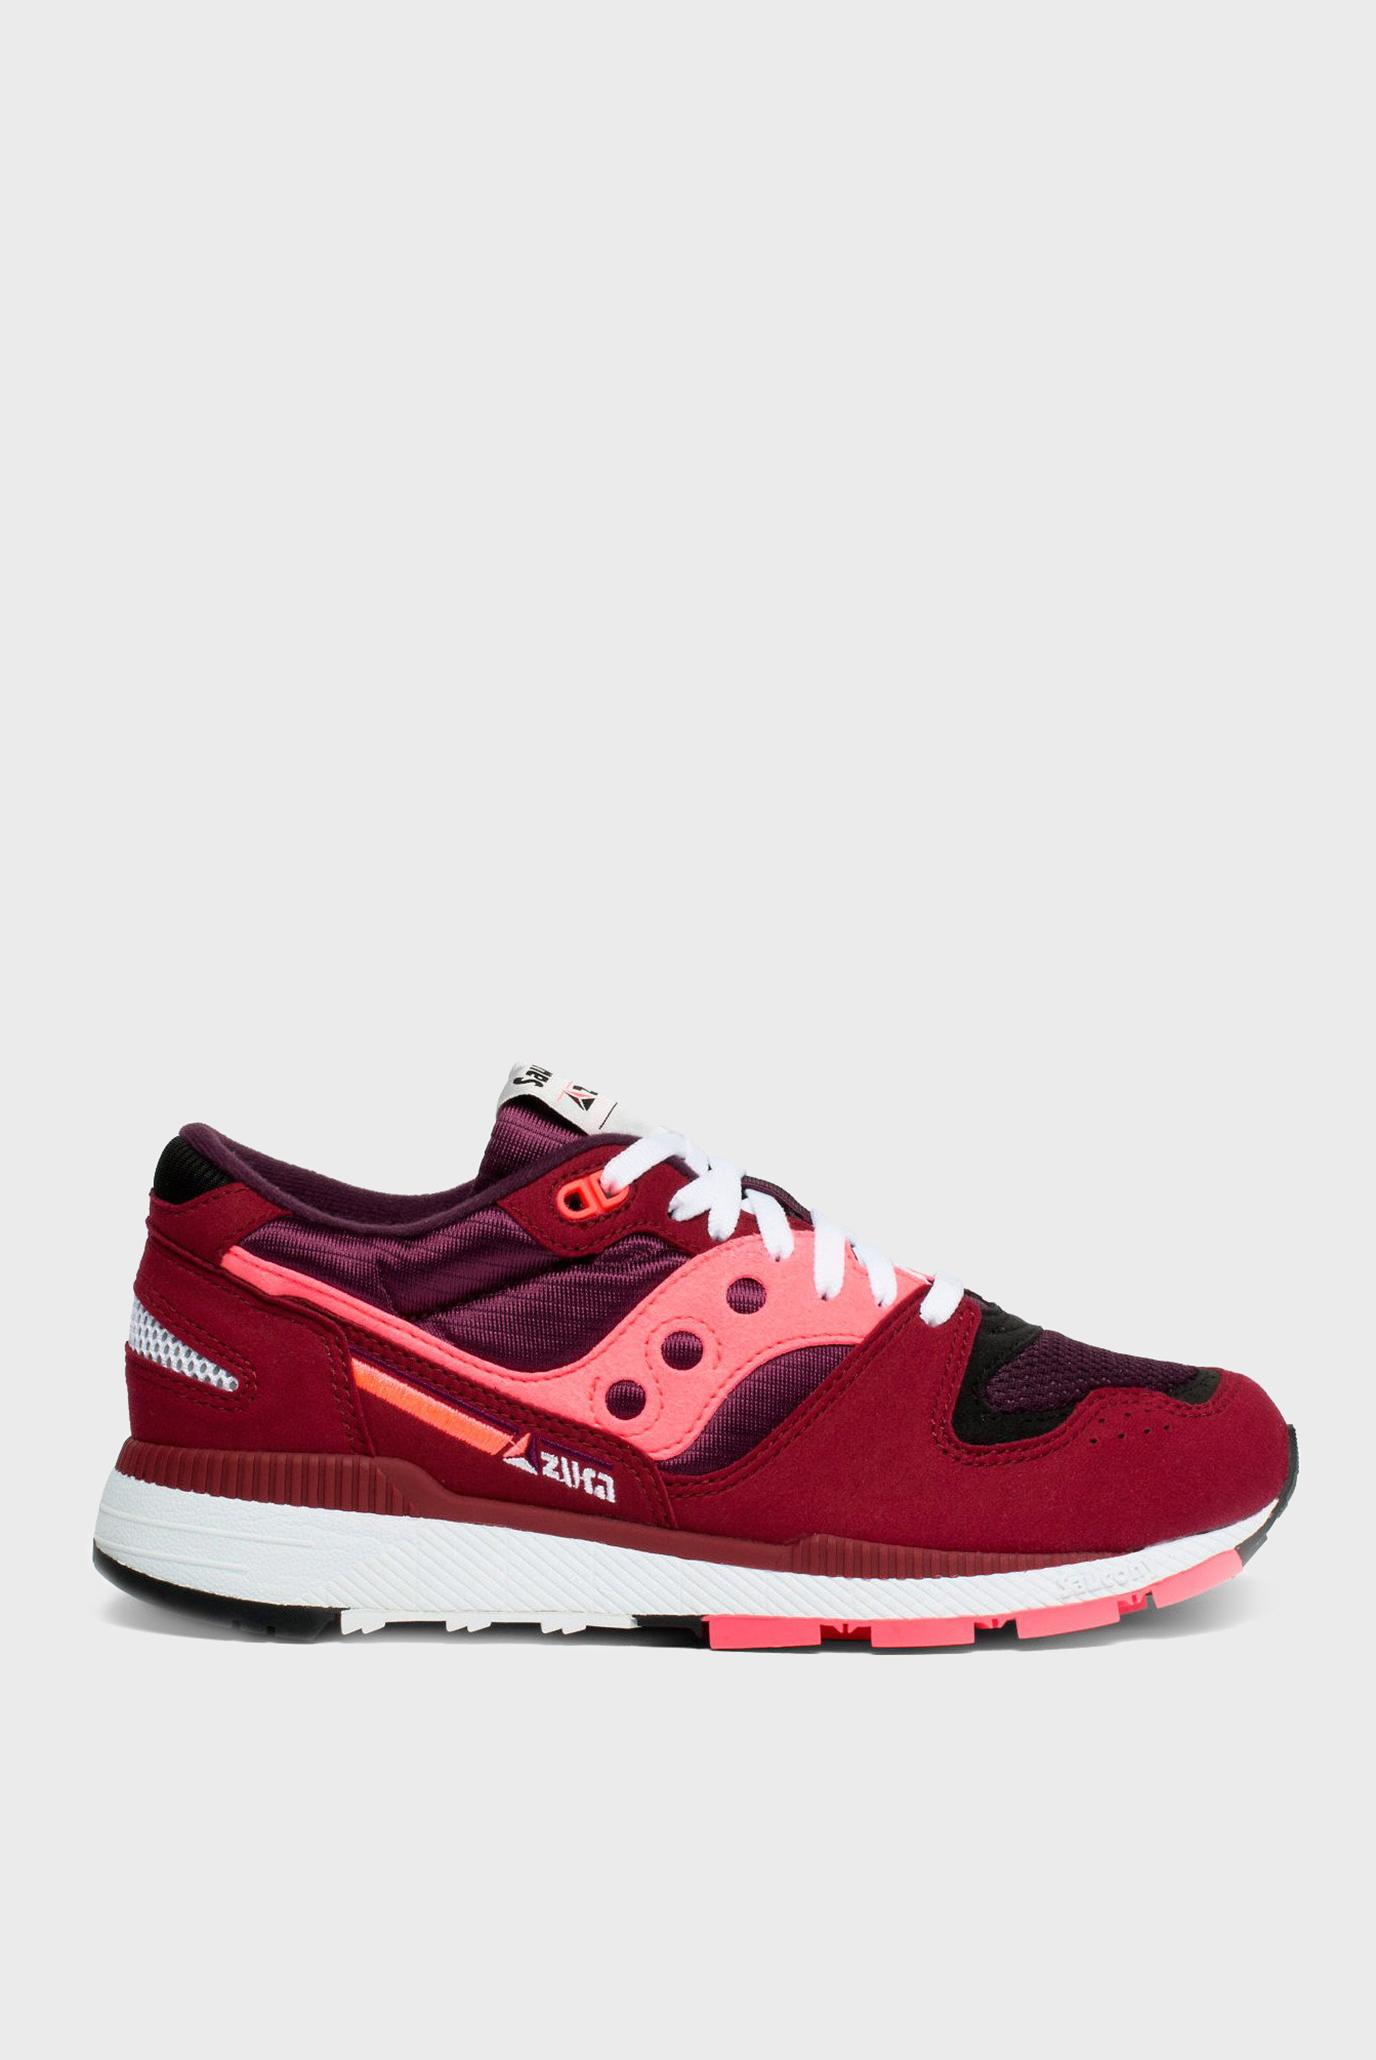 Купить Женские красные кроссовки AZURA Saucony Saucony 60437-19s – Киев, Украина. Цены в интернет магазине MD Fashion